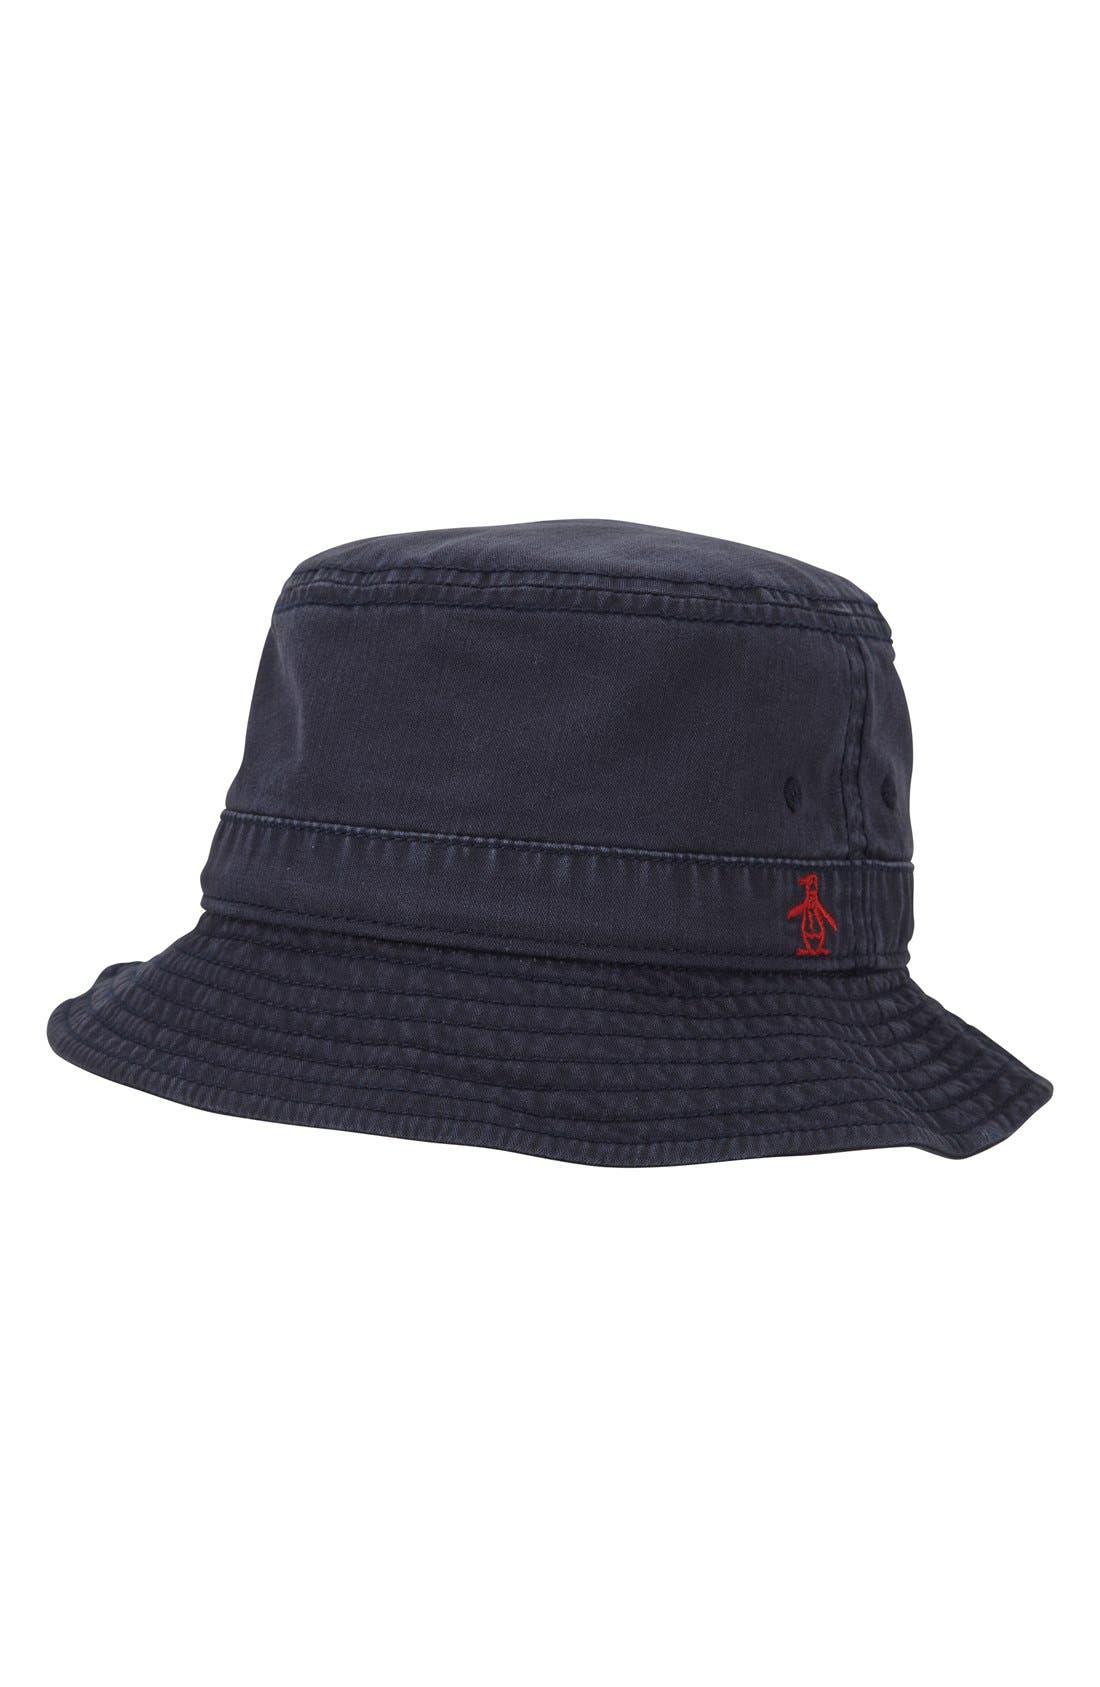 Main Image - Original Penguin 'Ferrer' Bucket Hat